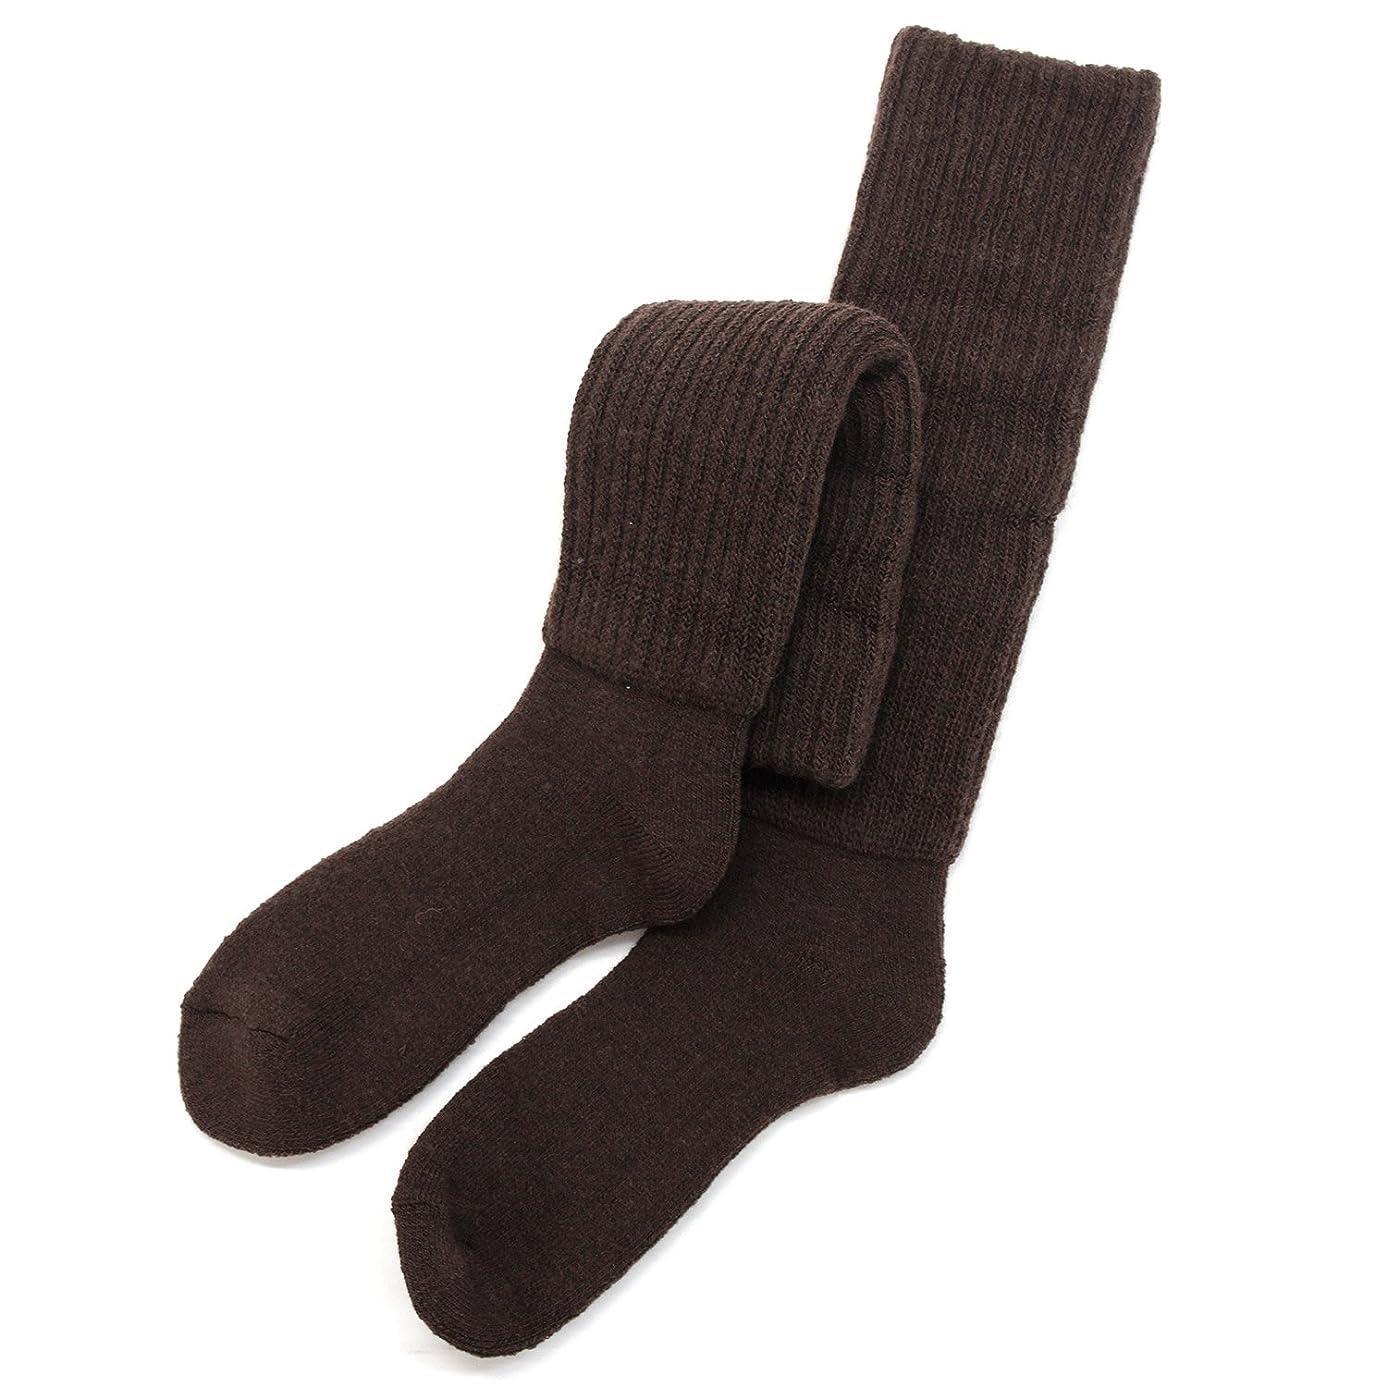 ナプキン聖歌局hiorie(ヒオリエ) 日本製 冷えとり靴下 あったか 2重編み靴下 ハイソックス <Lサイズ>